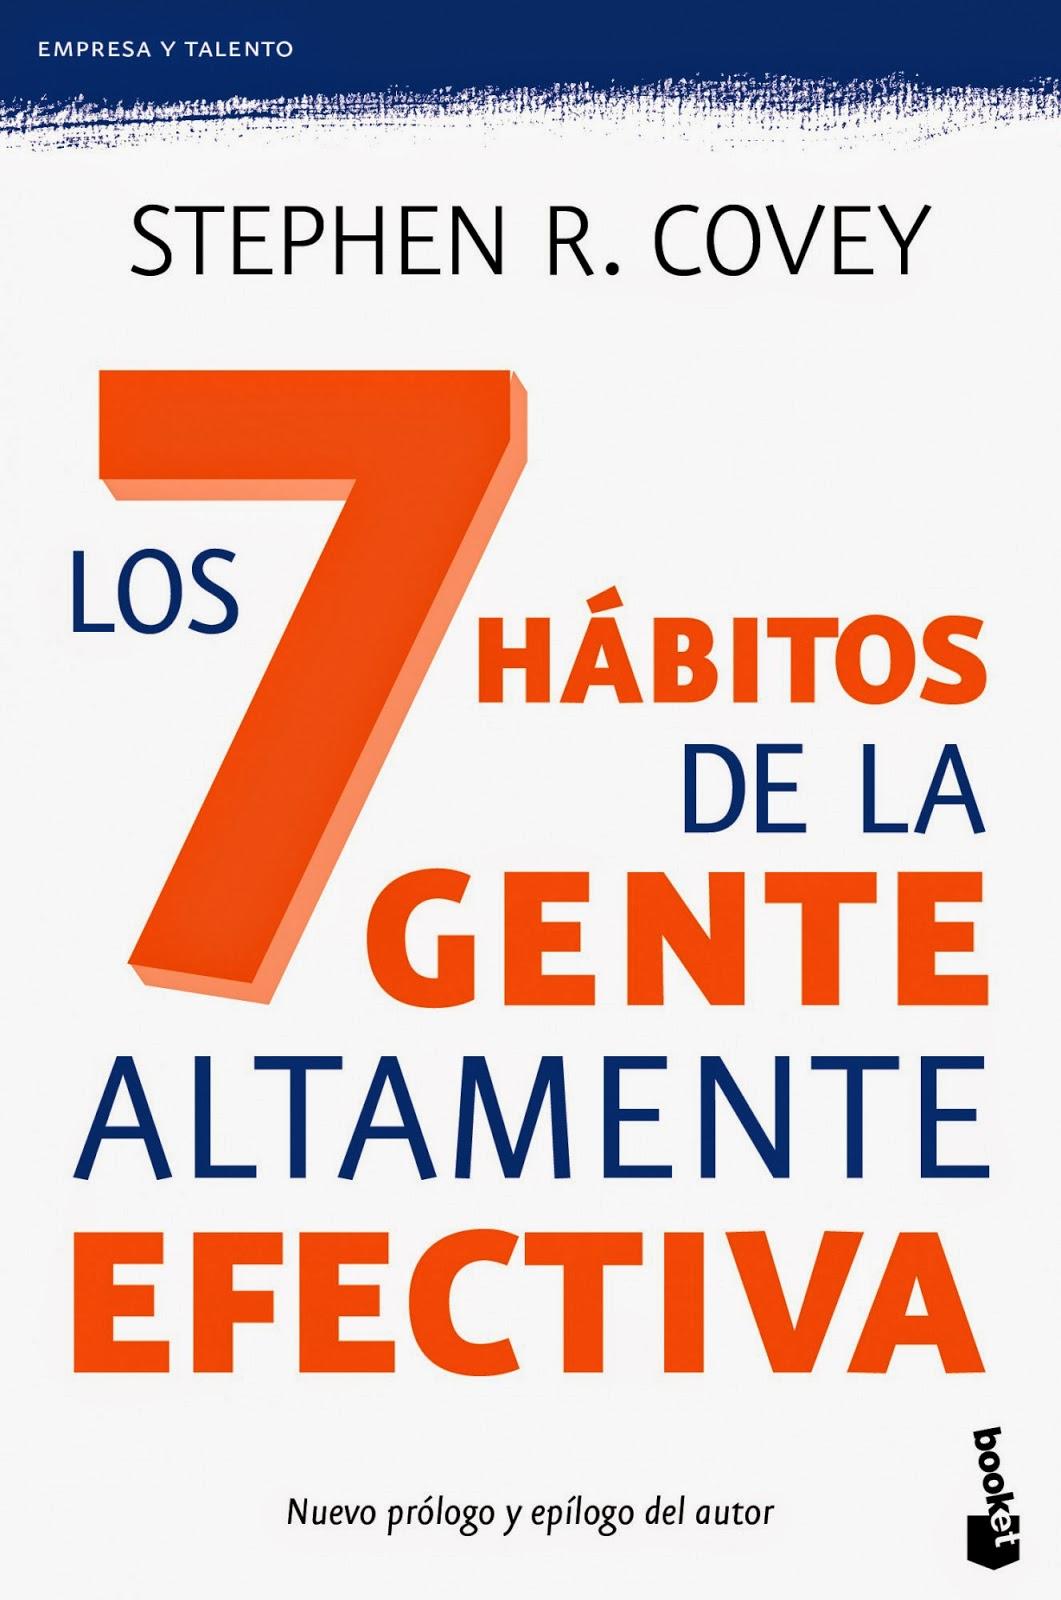 Los 7 hábitos de la gente altamente efectiva  Stephen Covey